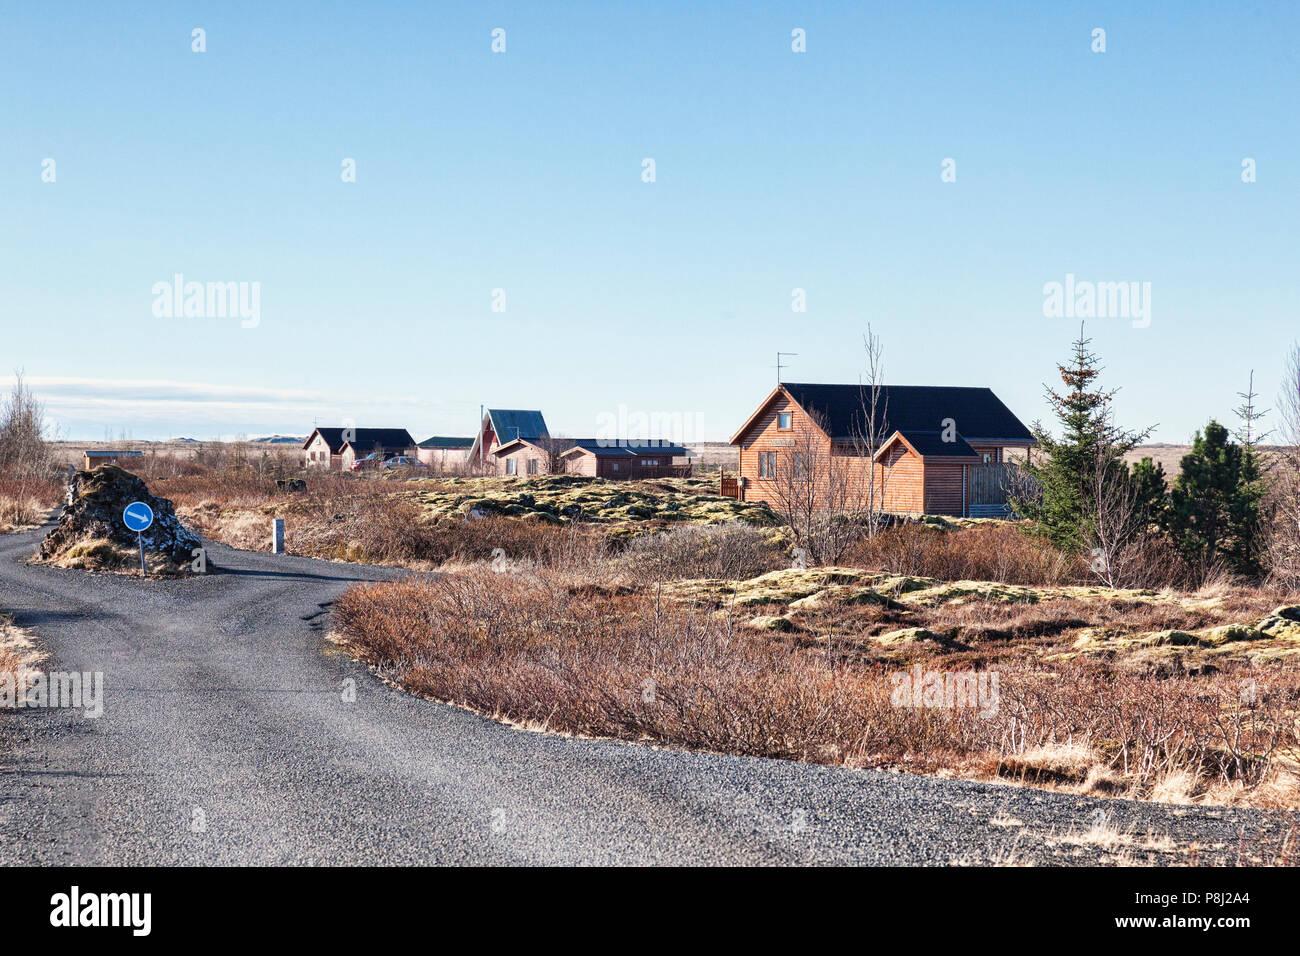 22 de abril de 2018: Grimsnes, sur de Islandia - summerhouses islandesa en una clara mañana. Imagen De Stock